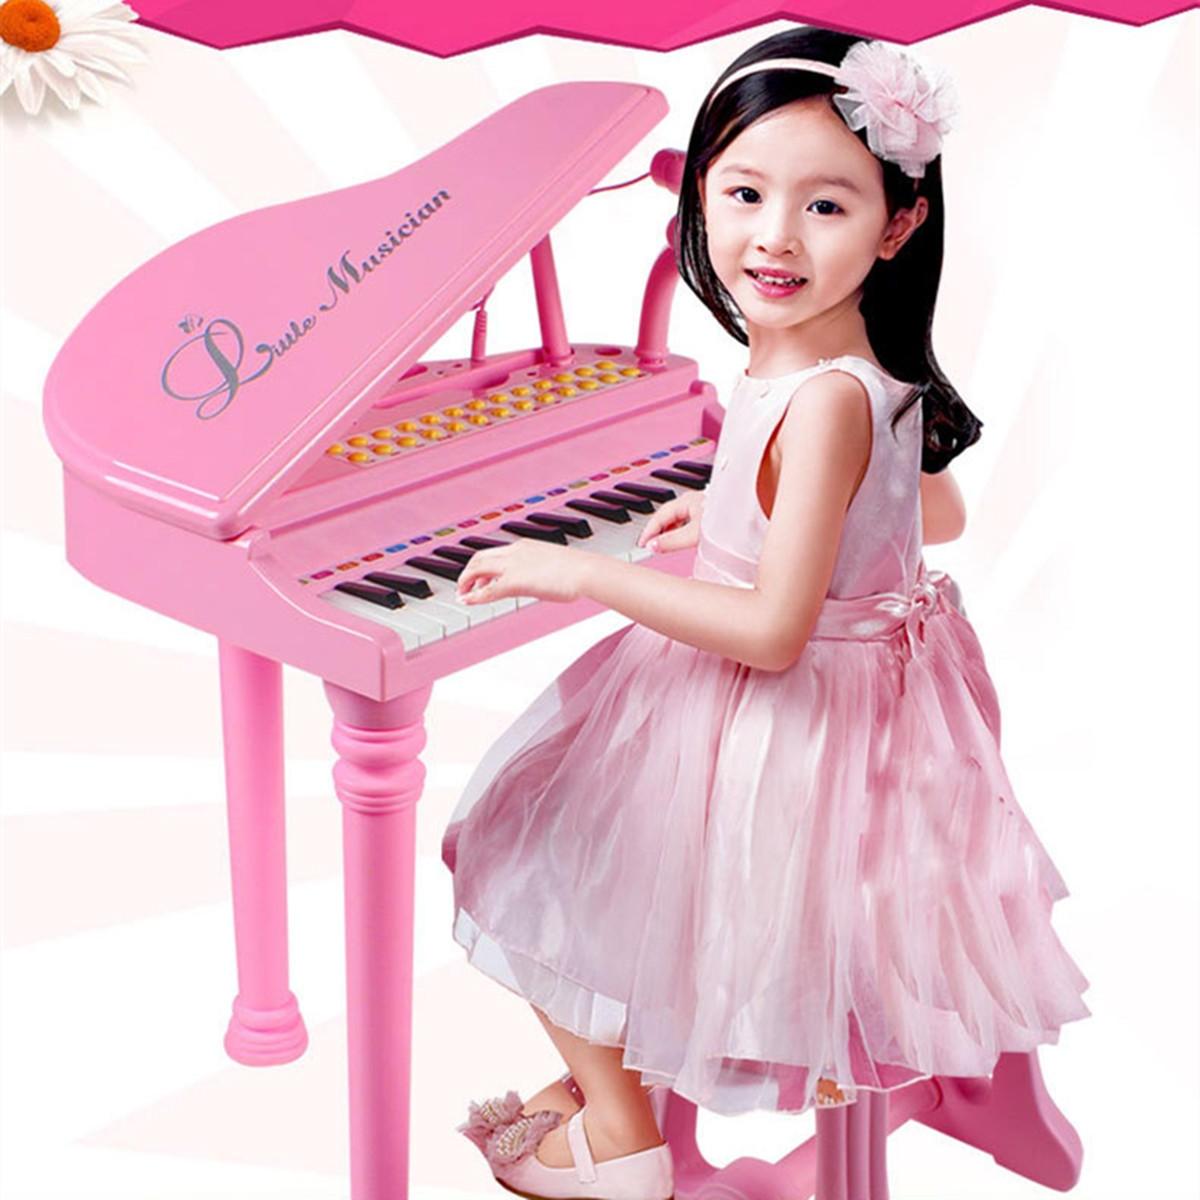 31 nycklar Barn Barn Elektroniskt tangentbord Elektronisk pianomikrofonpall Musikgåvor